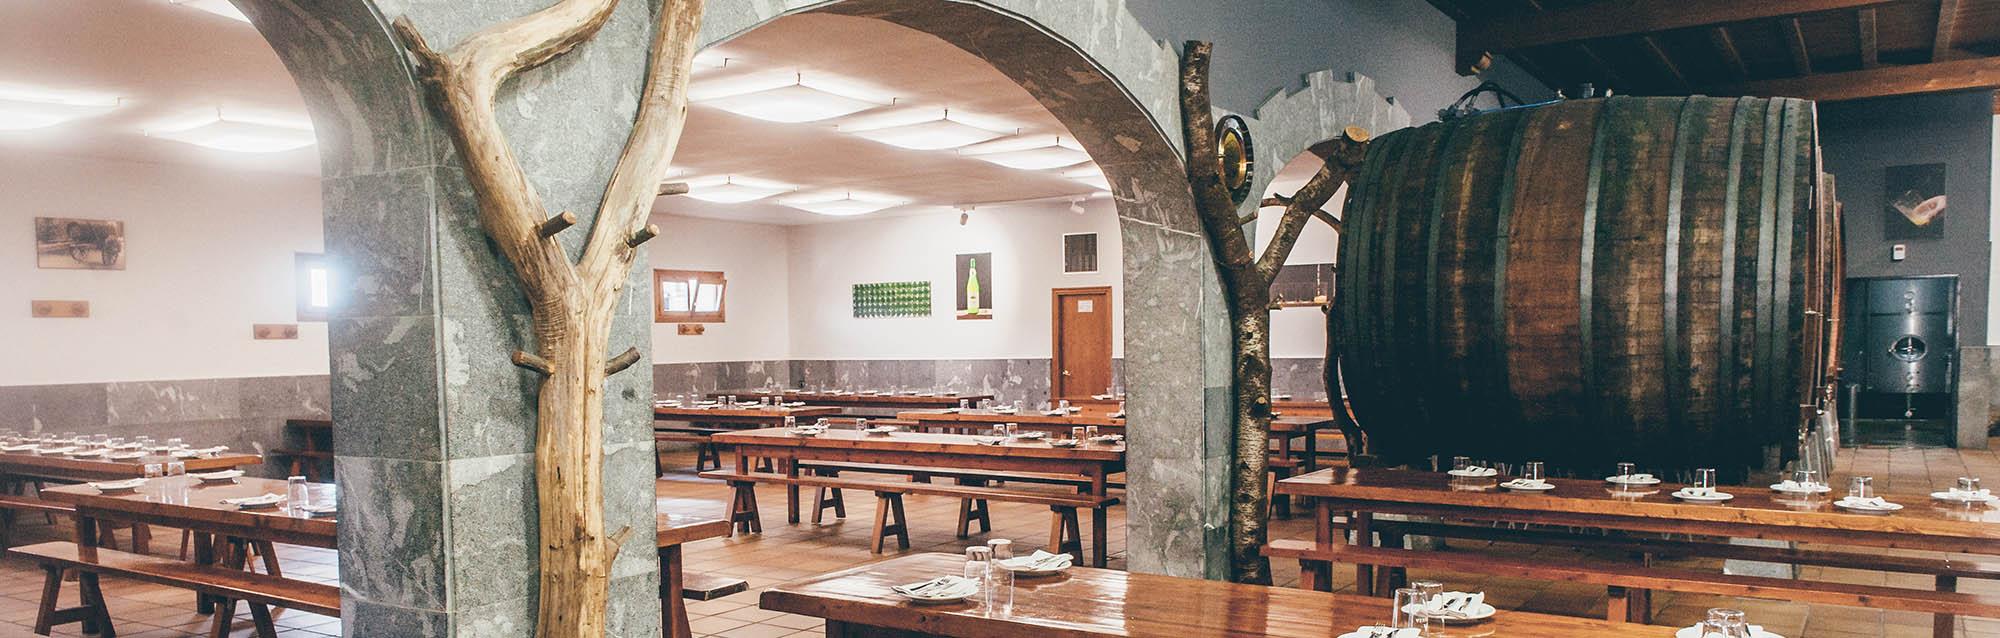 Photos de la salle à manger d'Aburuza, d'une capacité de plus de 300 personnes, équipée d'air conditionné, chauffage et wifi